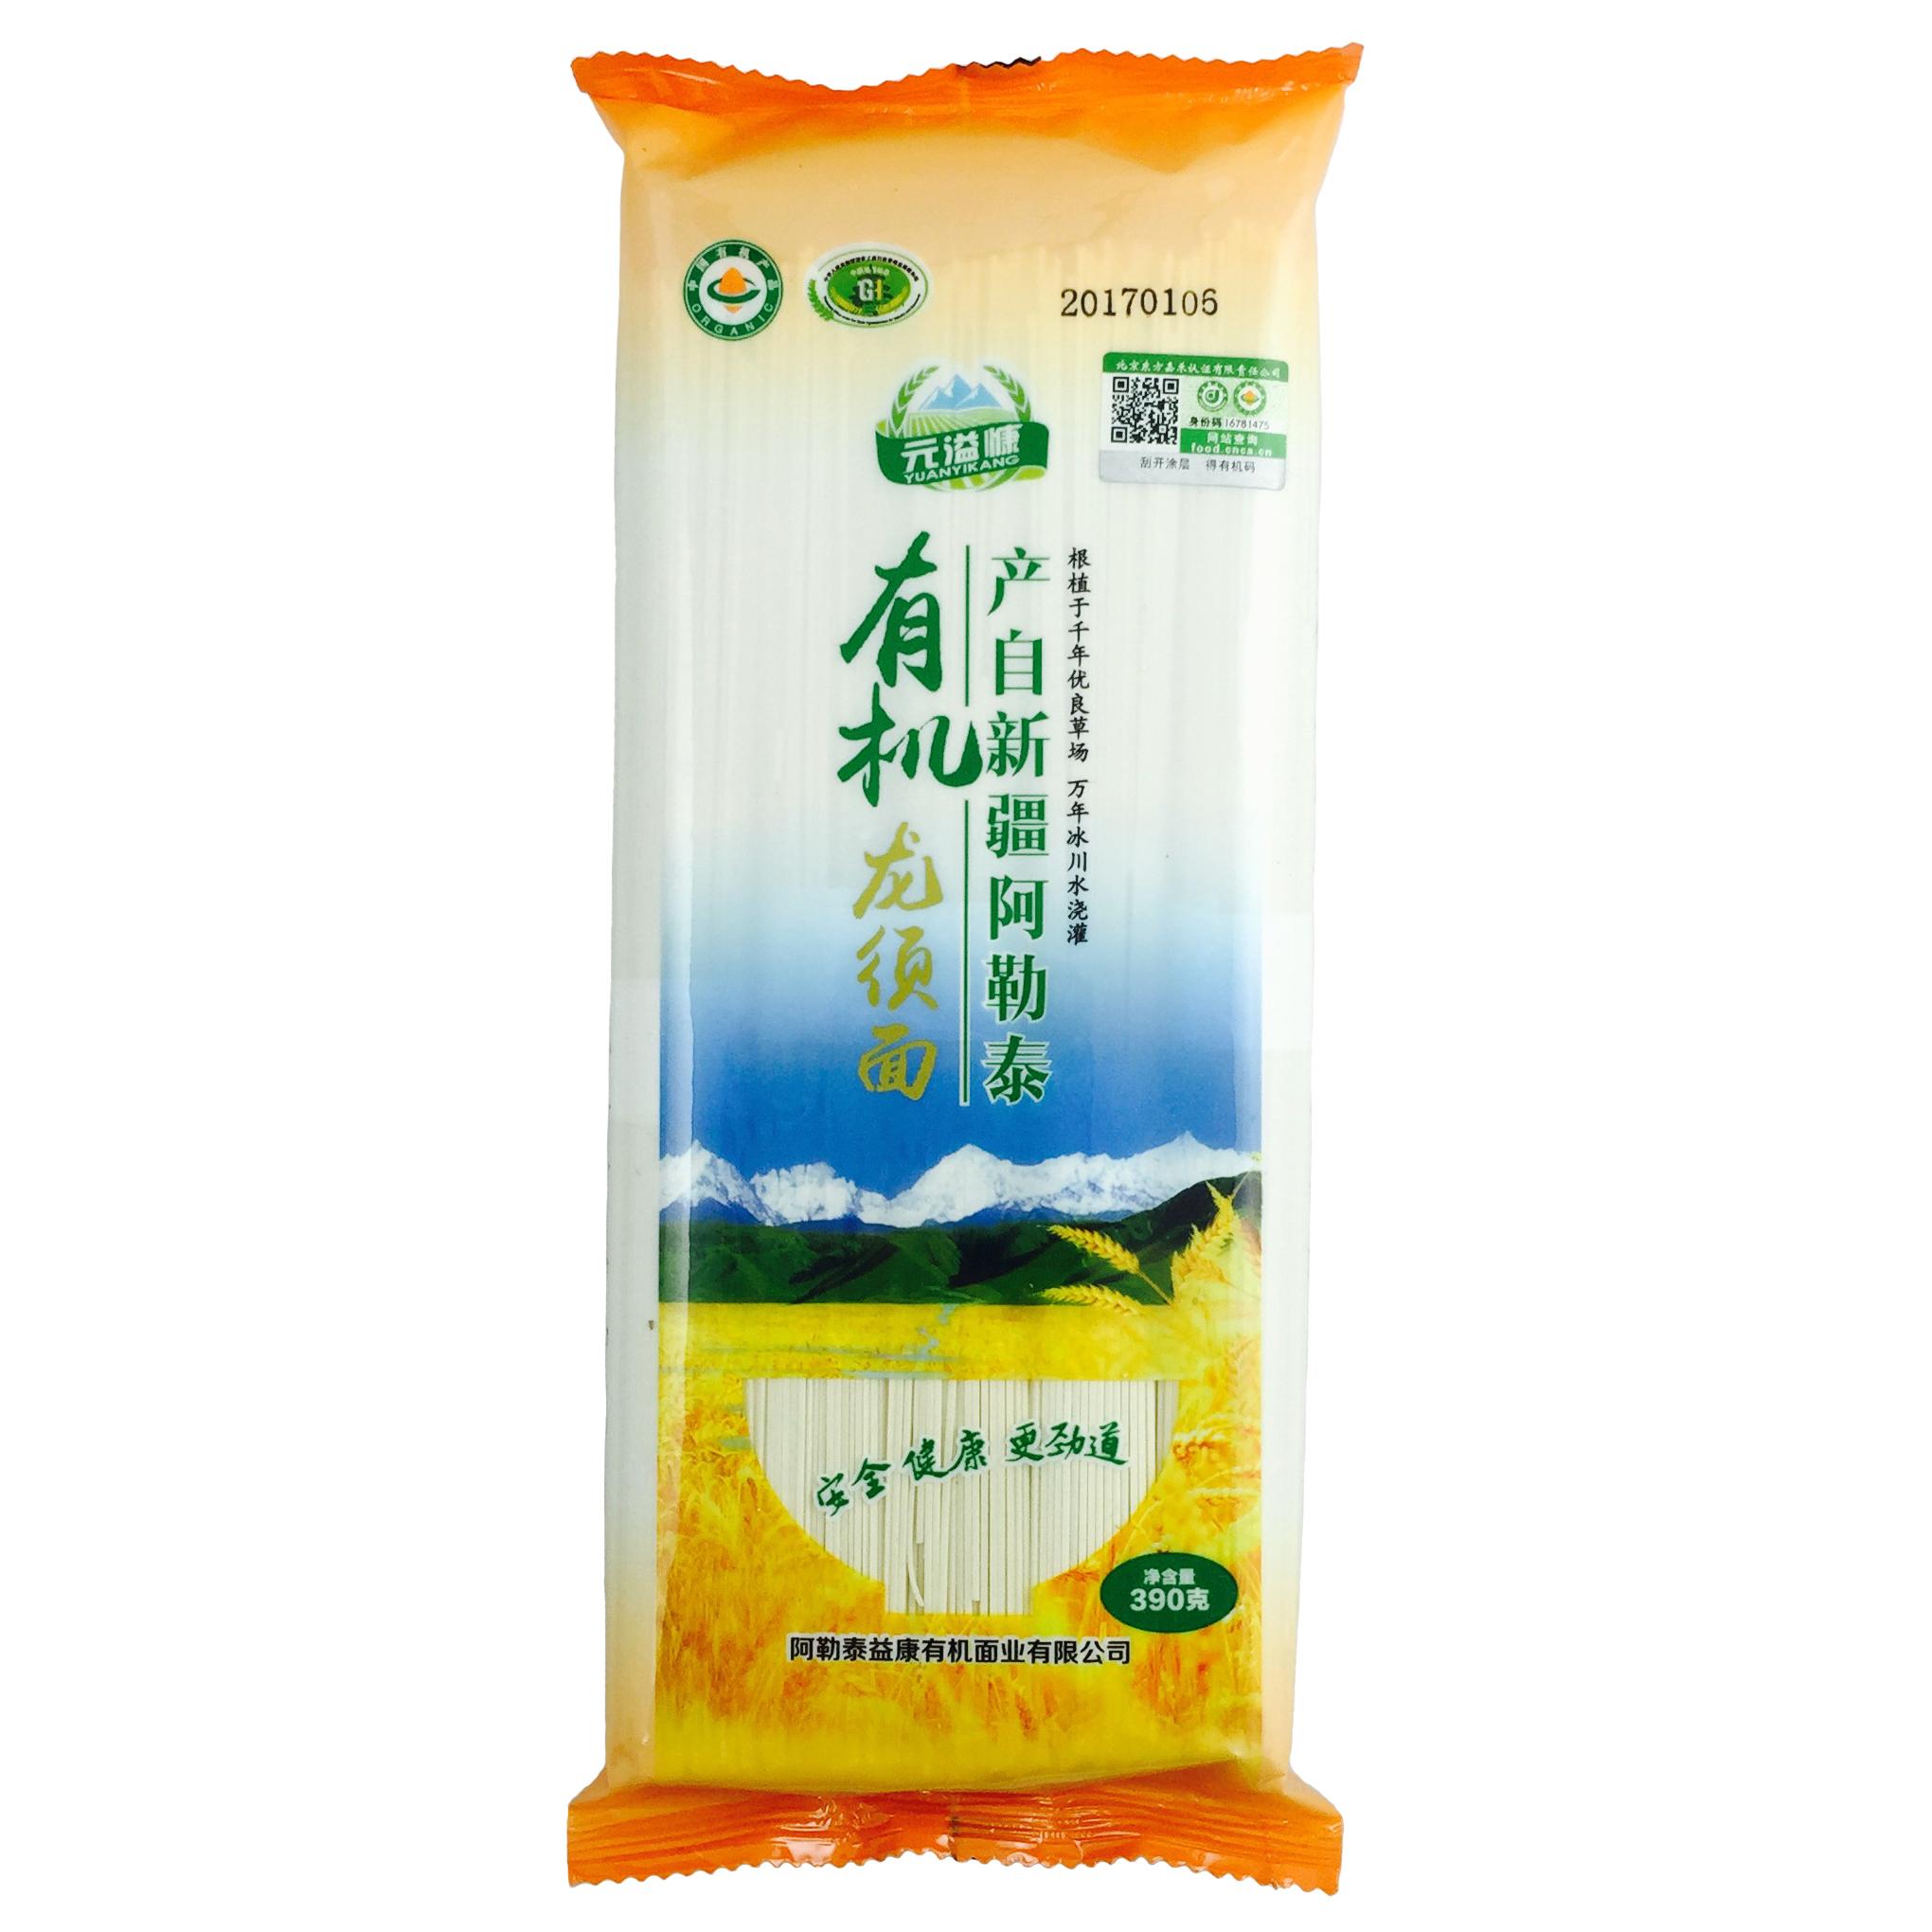 【元溢慷】新疆有机龙须面 口感劲道小麦面 麦香浓郁挂面面条 390g/袋 方便面 汤面